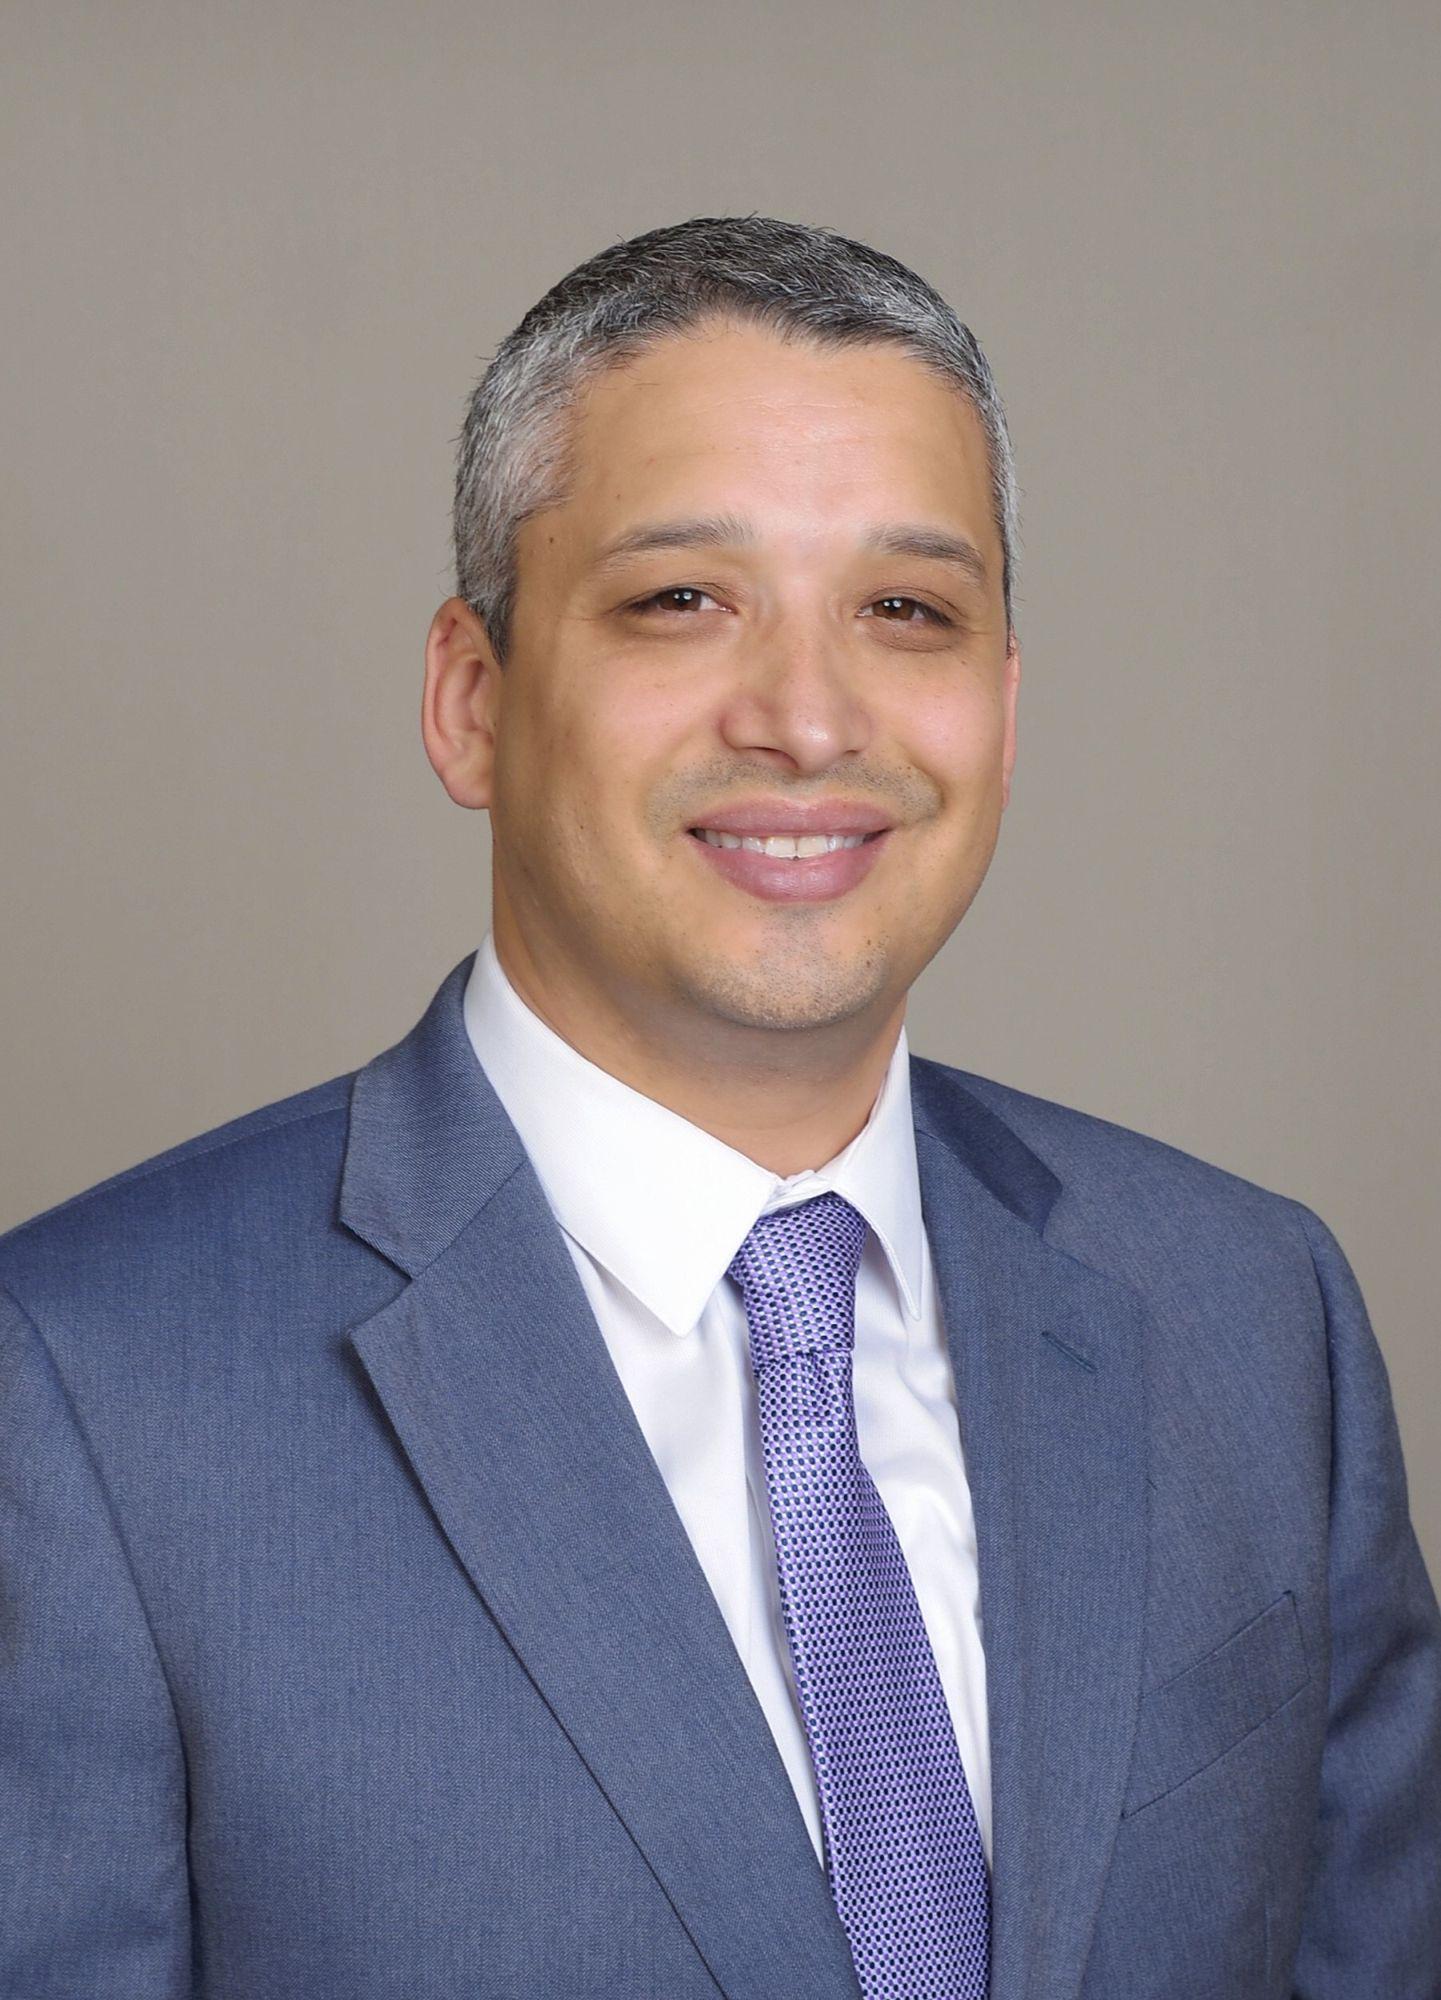 Fernando Reyes headshot